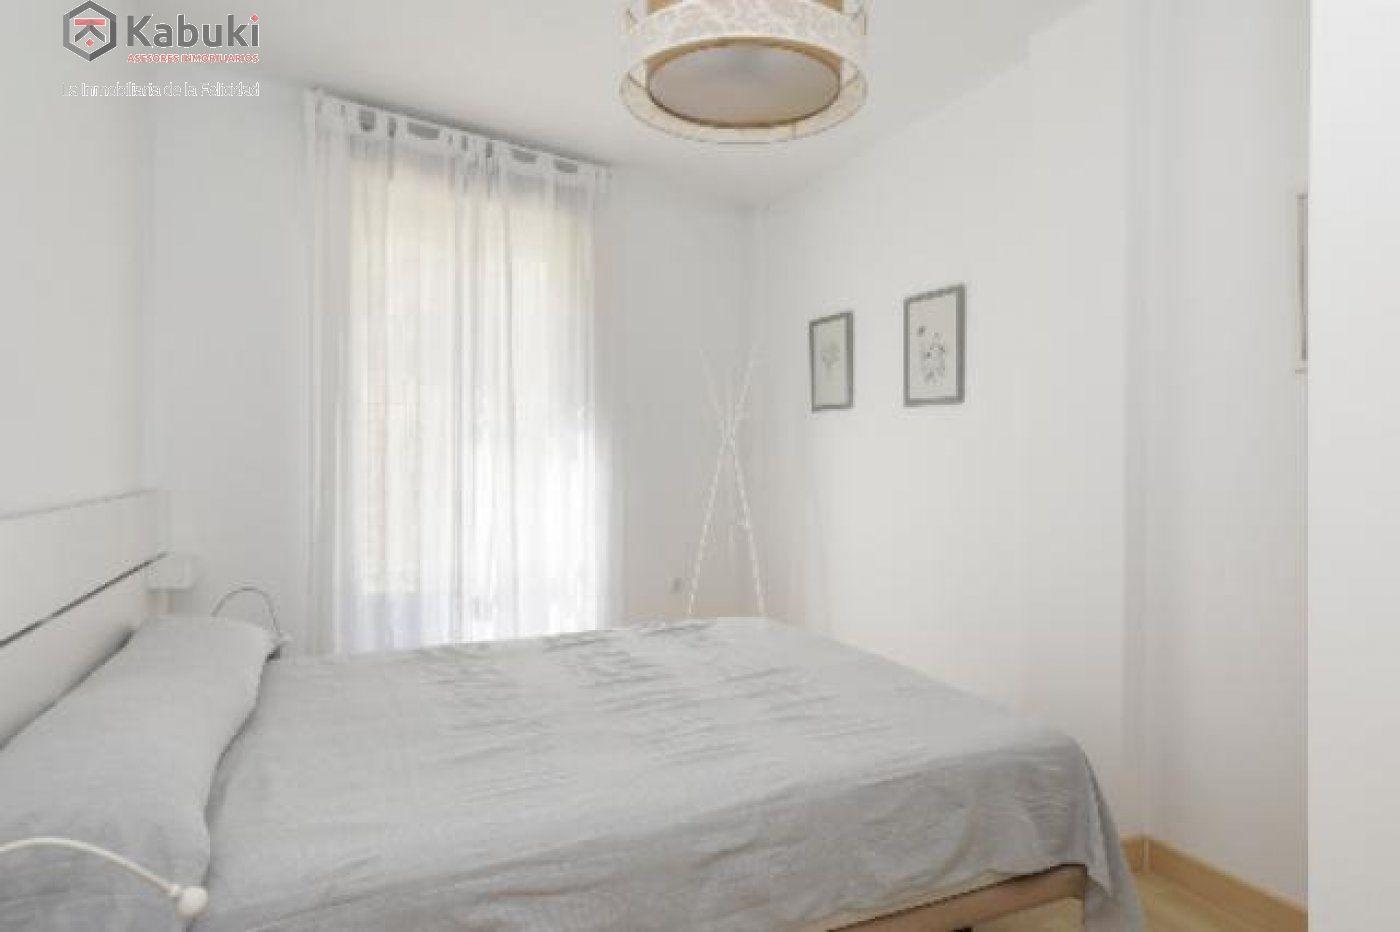 Coqueto y luminoso apartamento en un entorno privilegiado junto a los cahorros - imagenInmueble8